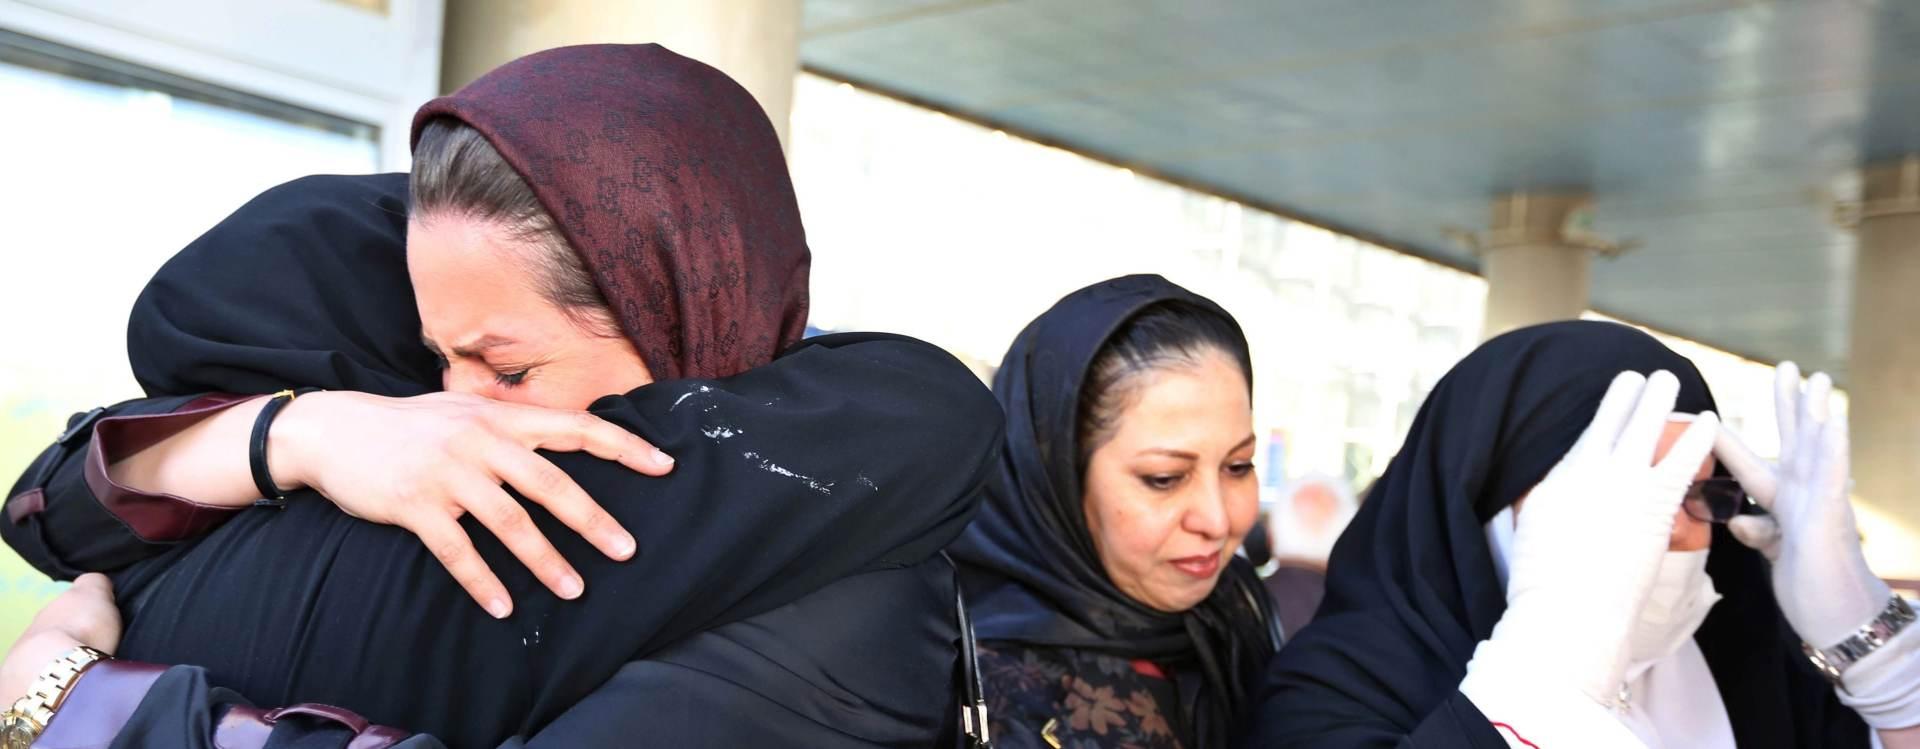 TIJEKOM PROSLAVE: Pet mrtvih u napadu na šijite u Saudijskoj Arabiji